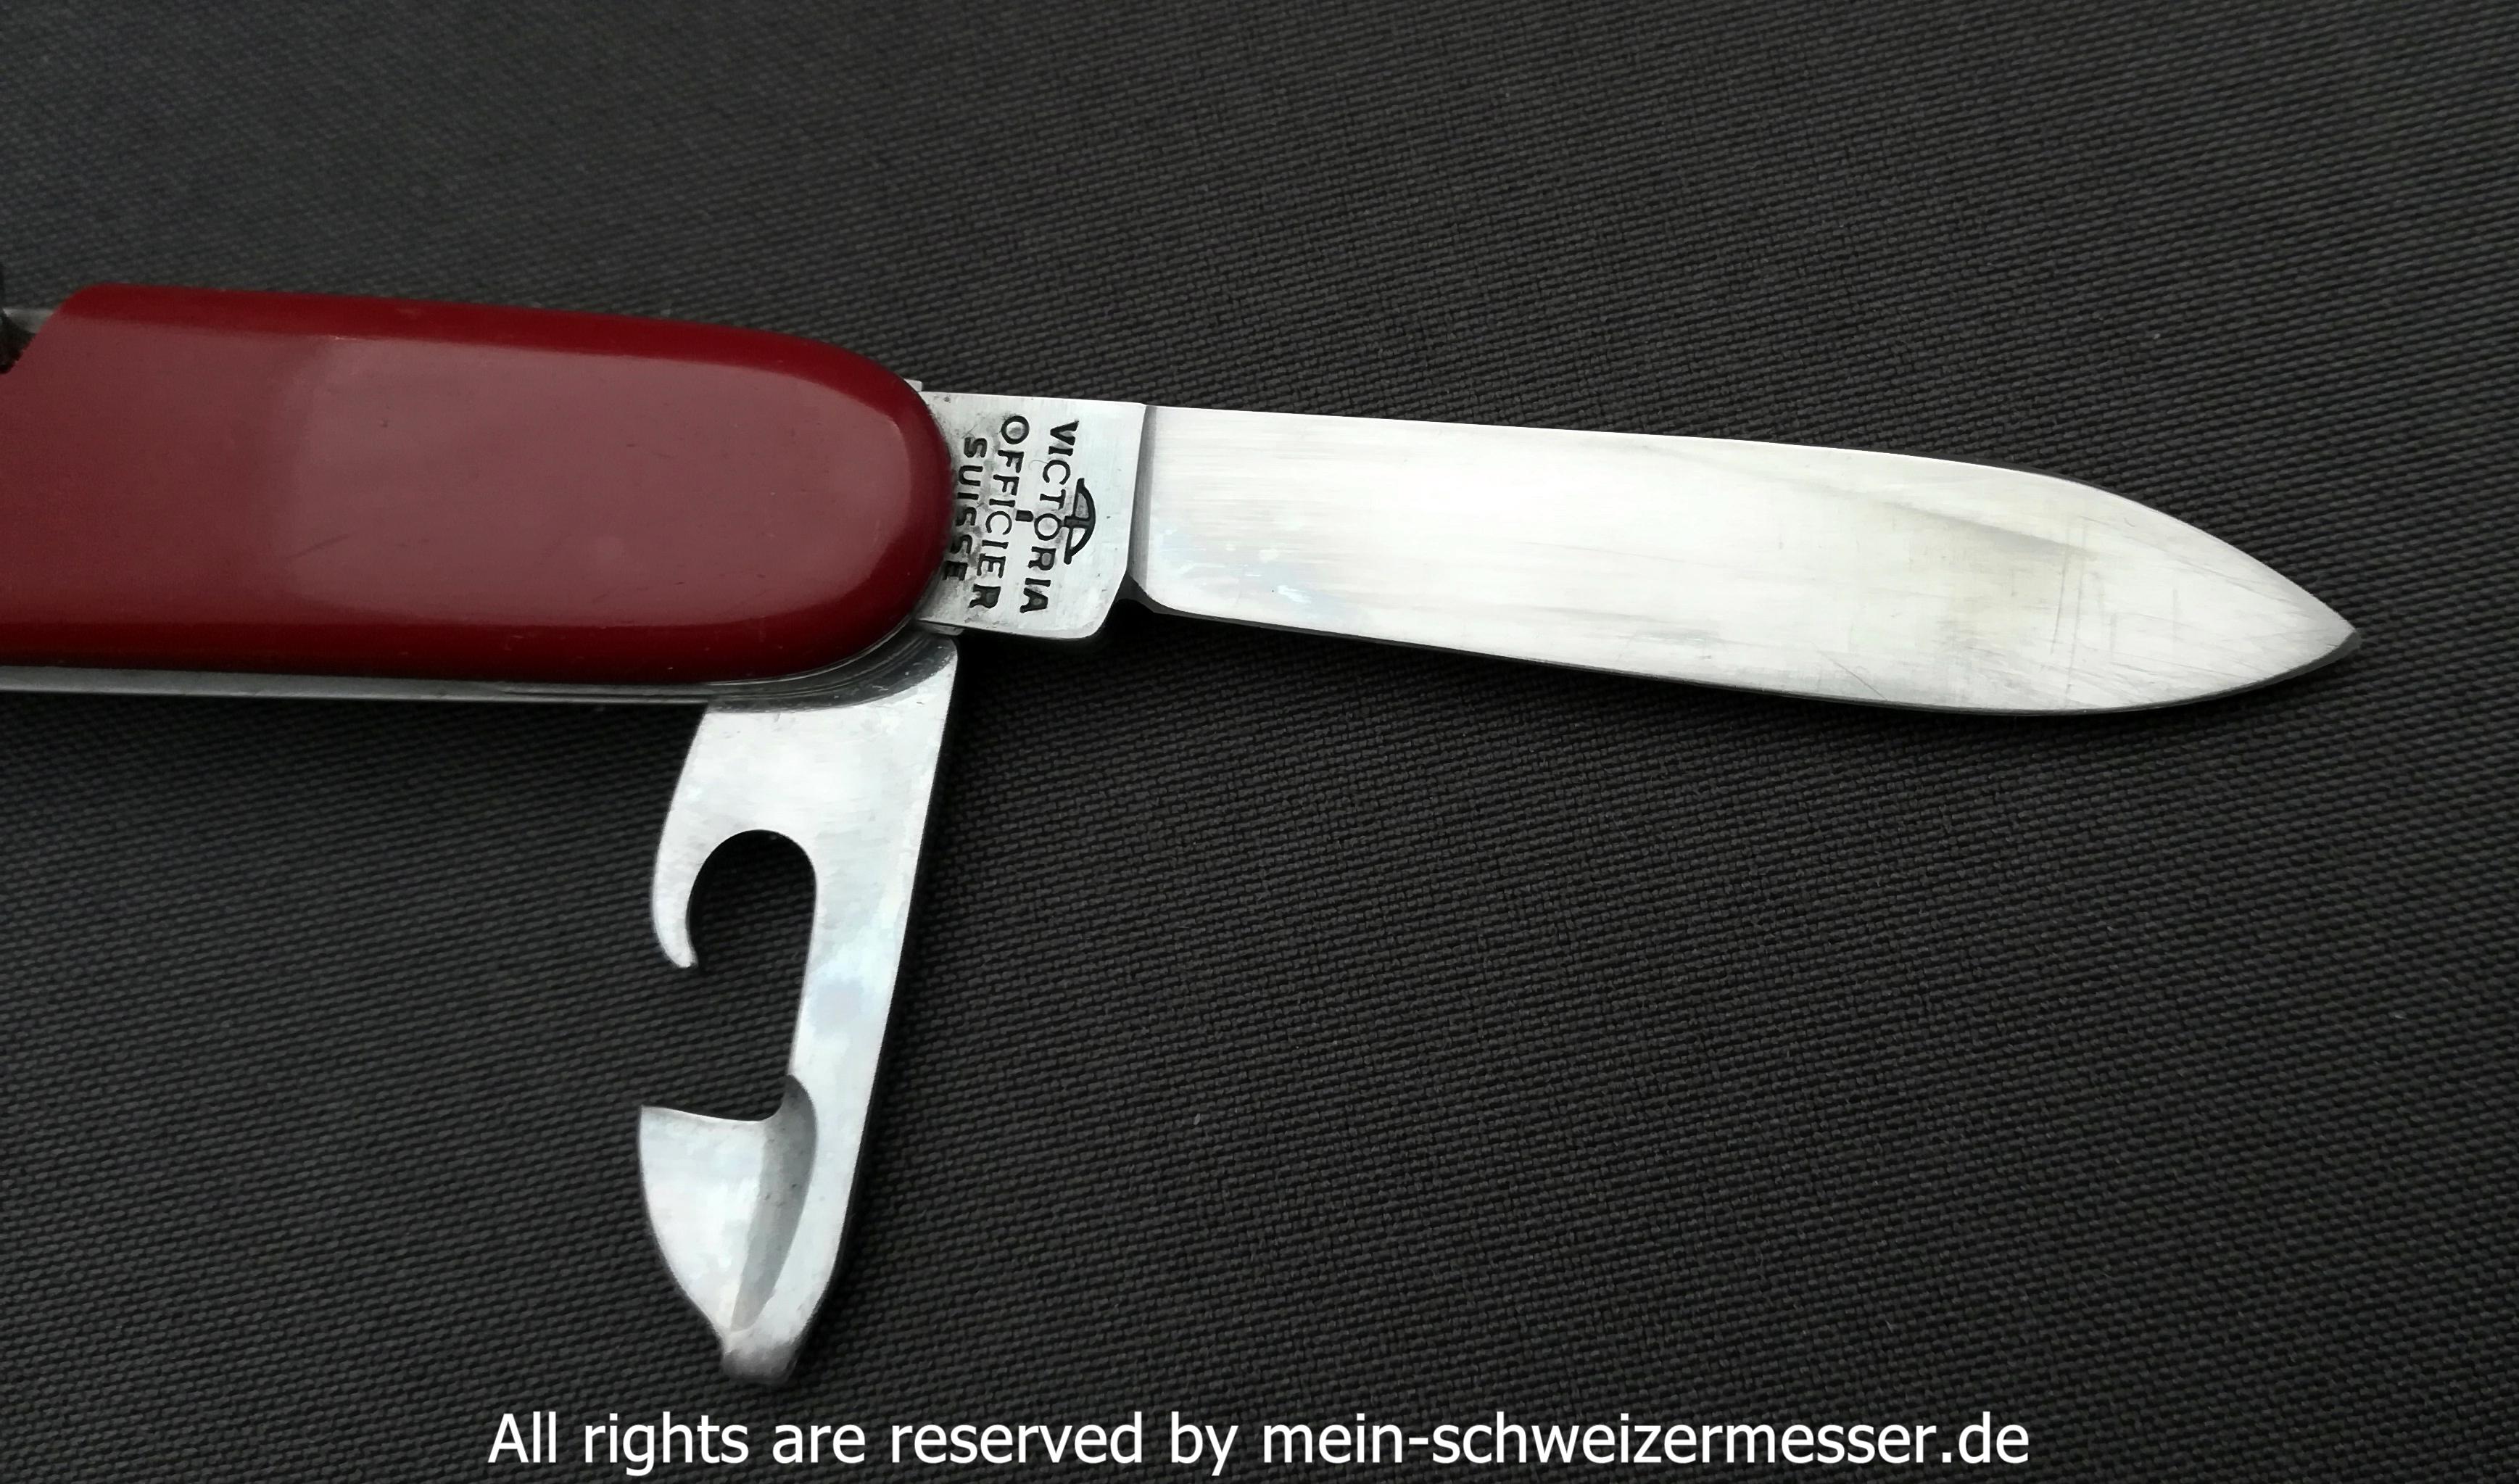 Mein Schweizermesser Old Swiss Army Knife Victorinox